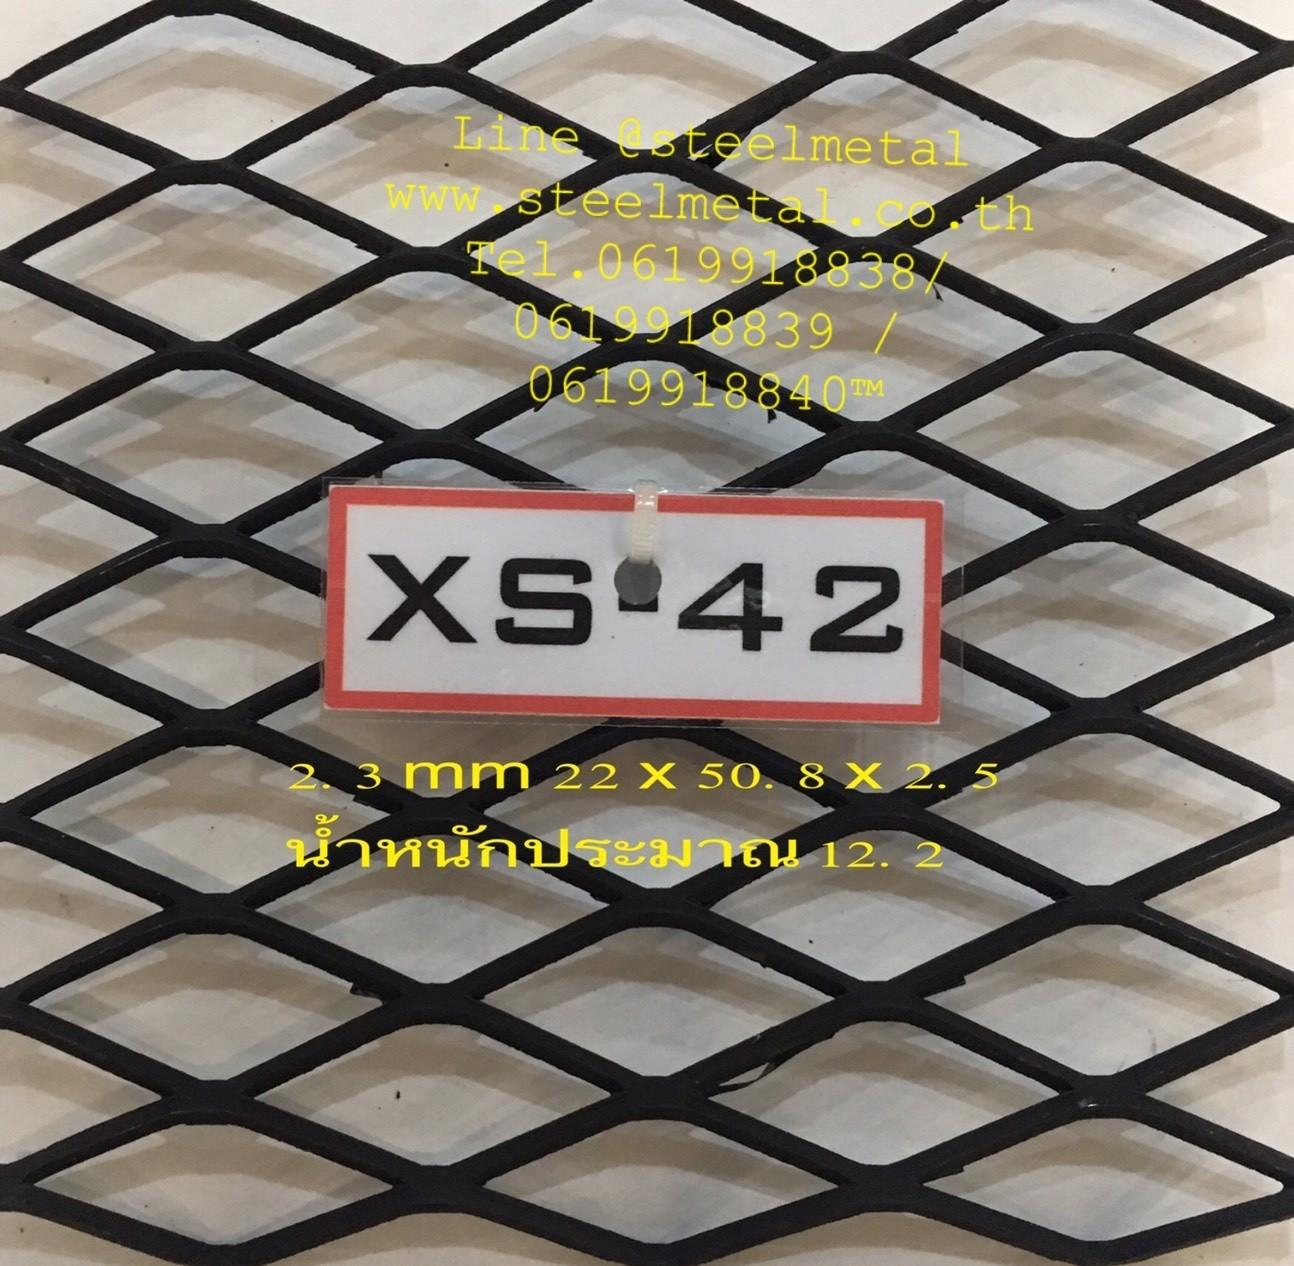 ตะแกรงเหล็กฉีกXS42